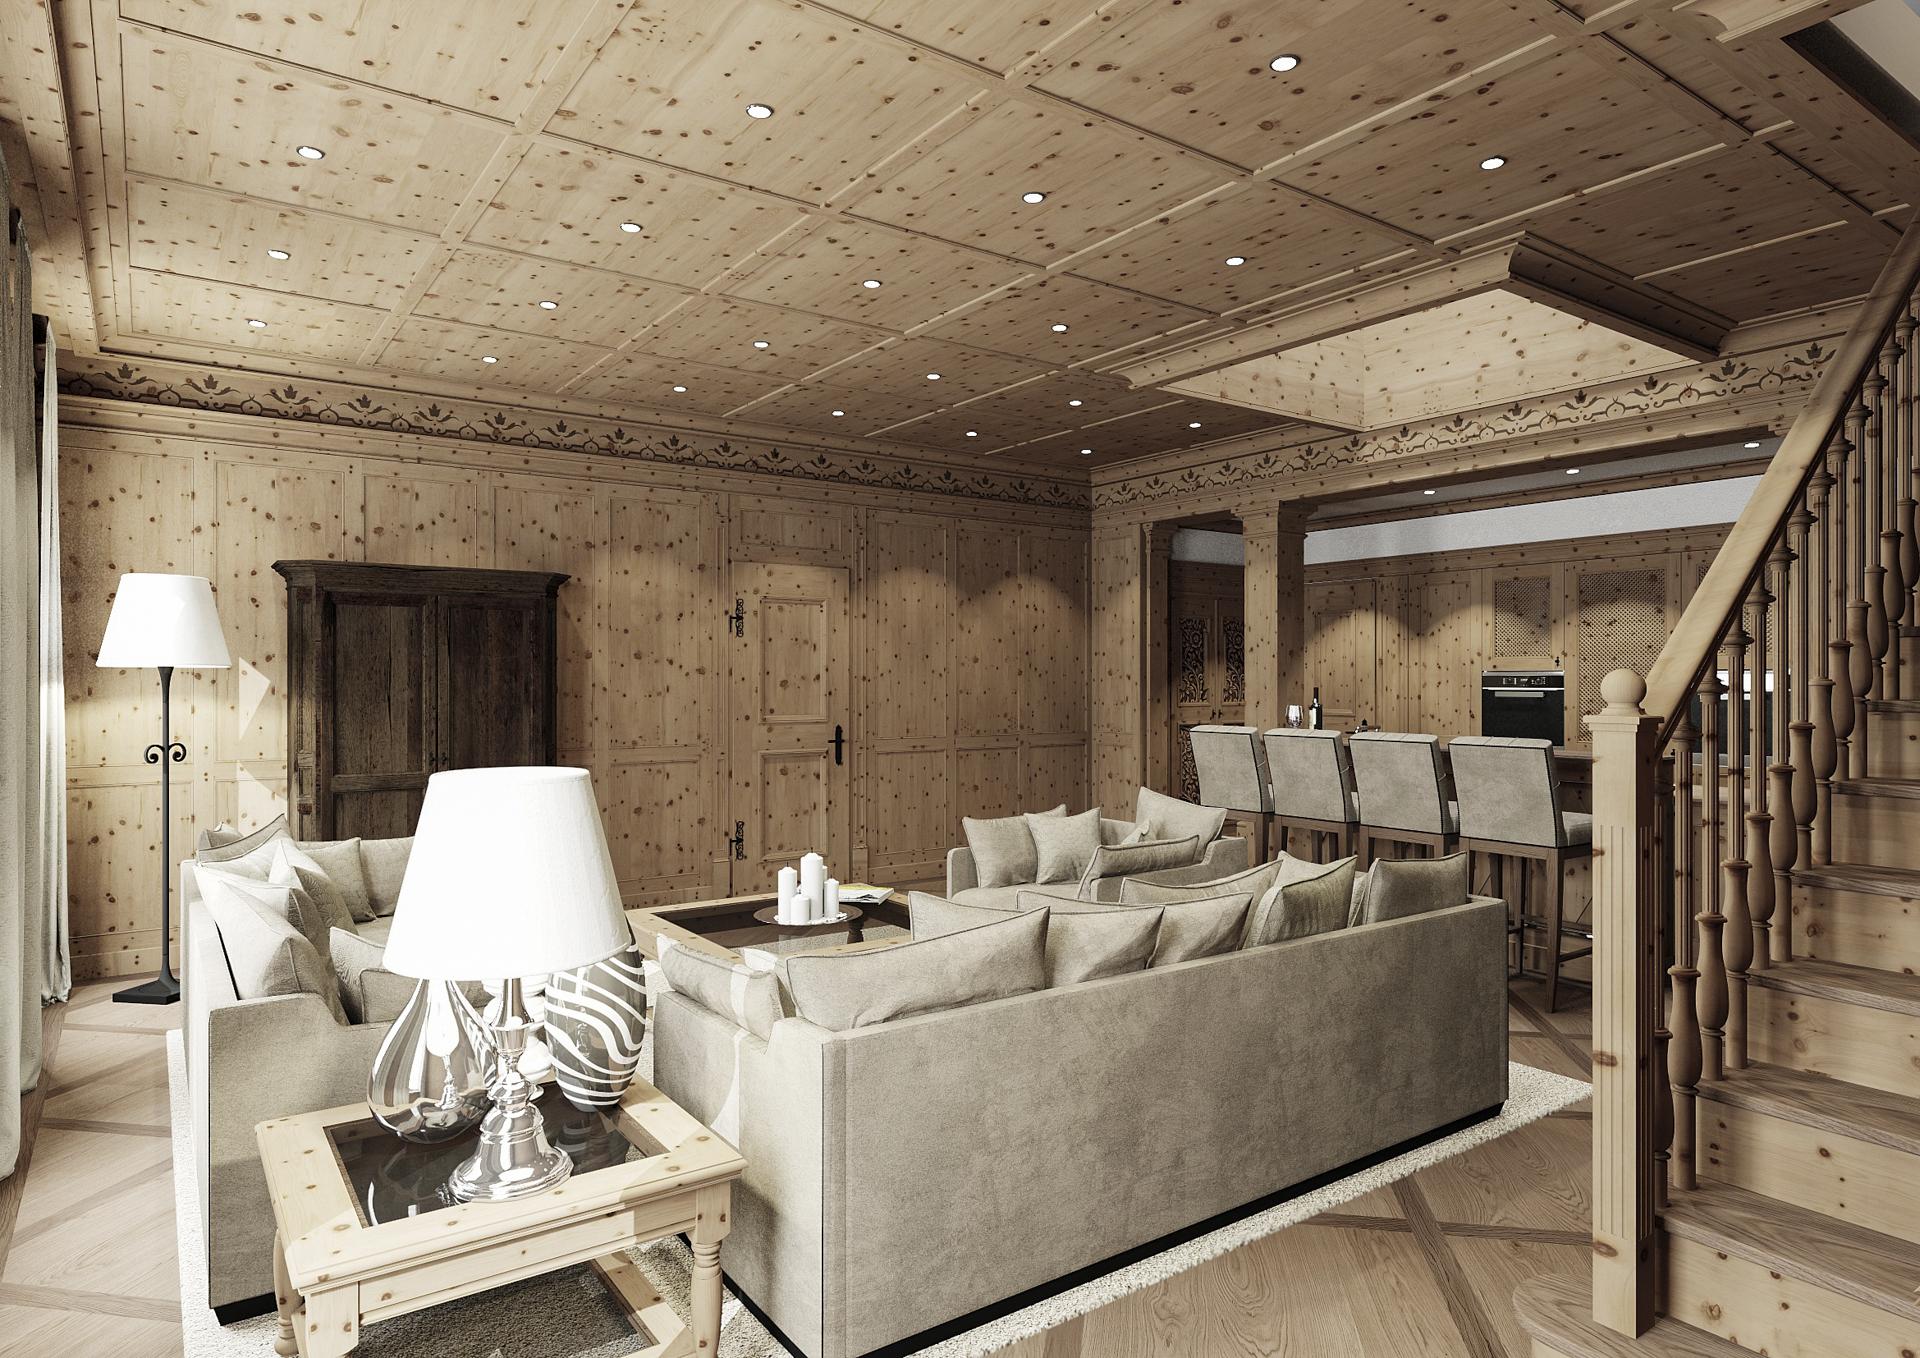 tischlerei-decker-visualisierungen-Wohnzimmer-Zirbenholz